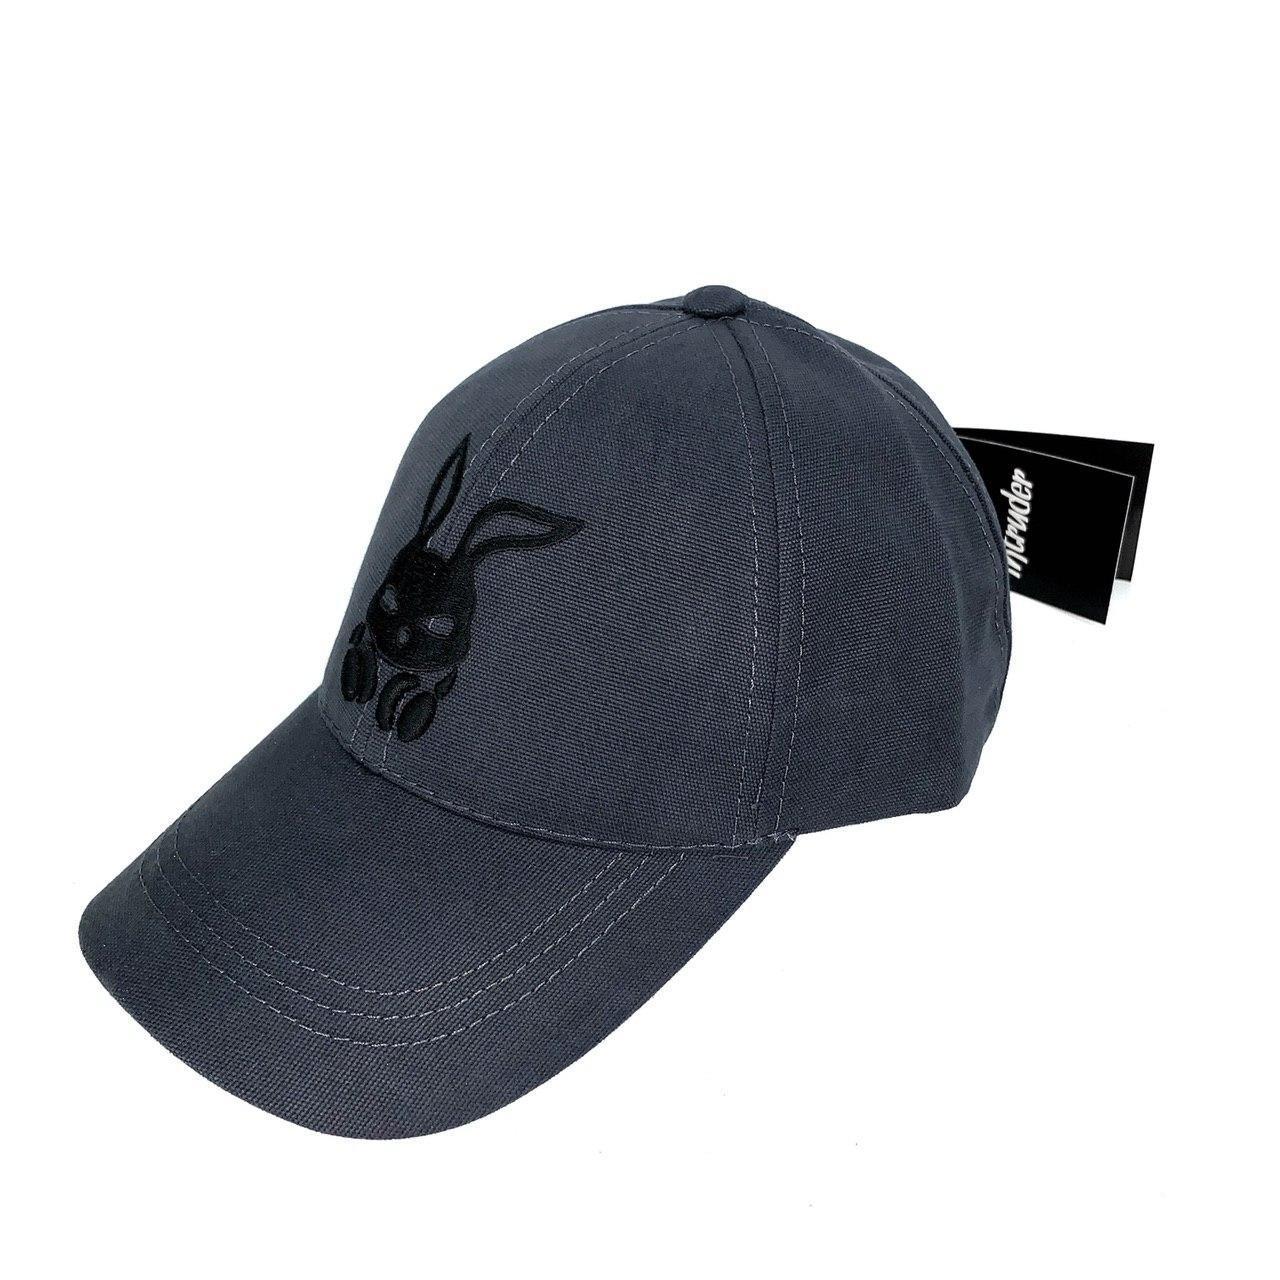 Кепка Intruder мужская | женская серая брендовая + Фирменный подарок